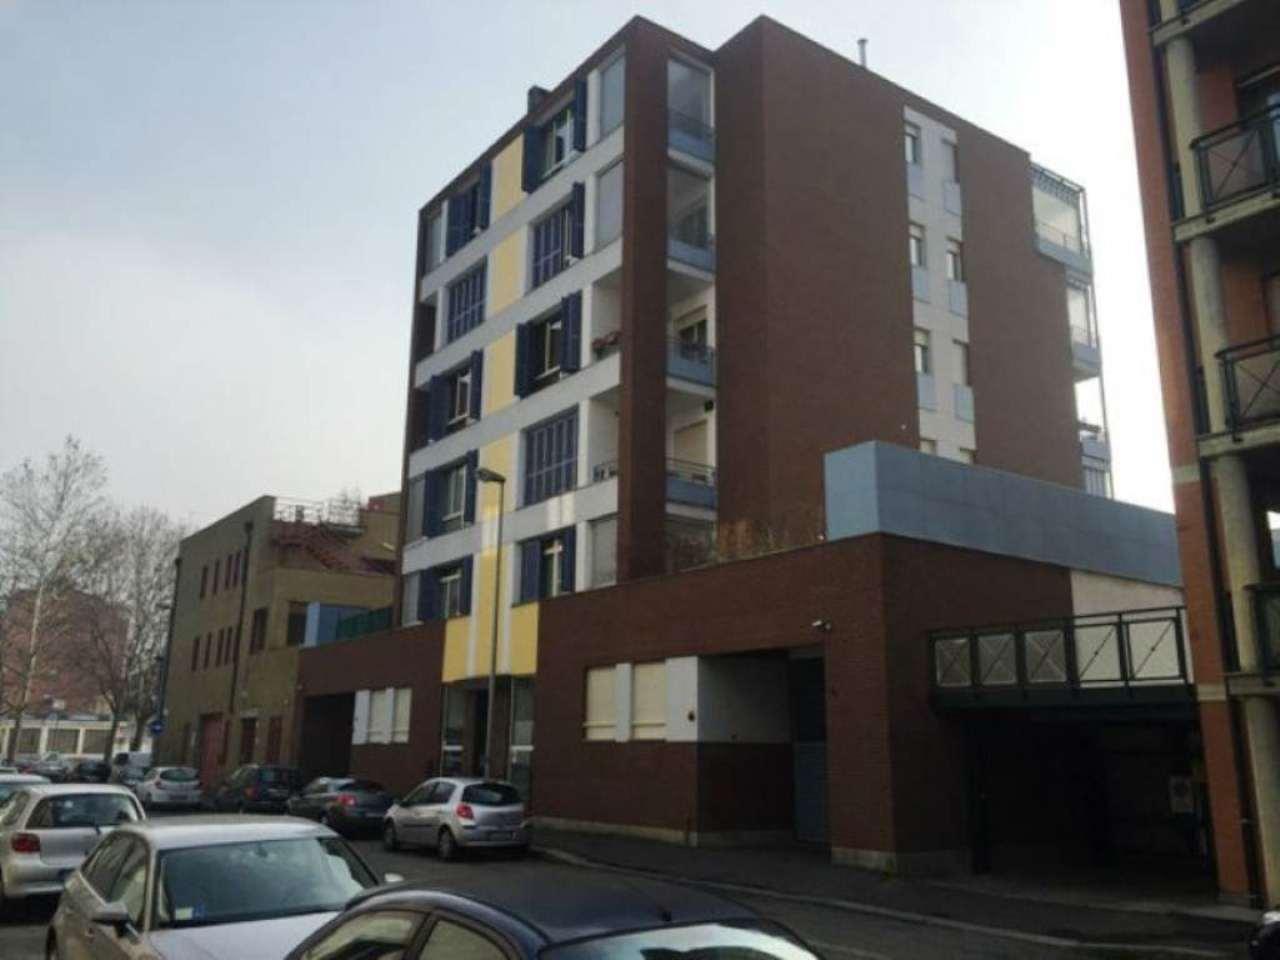 Vendita appartamenti monolocali a torino for Monolocali in vendita a milano